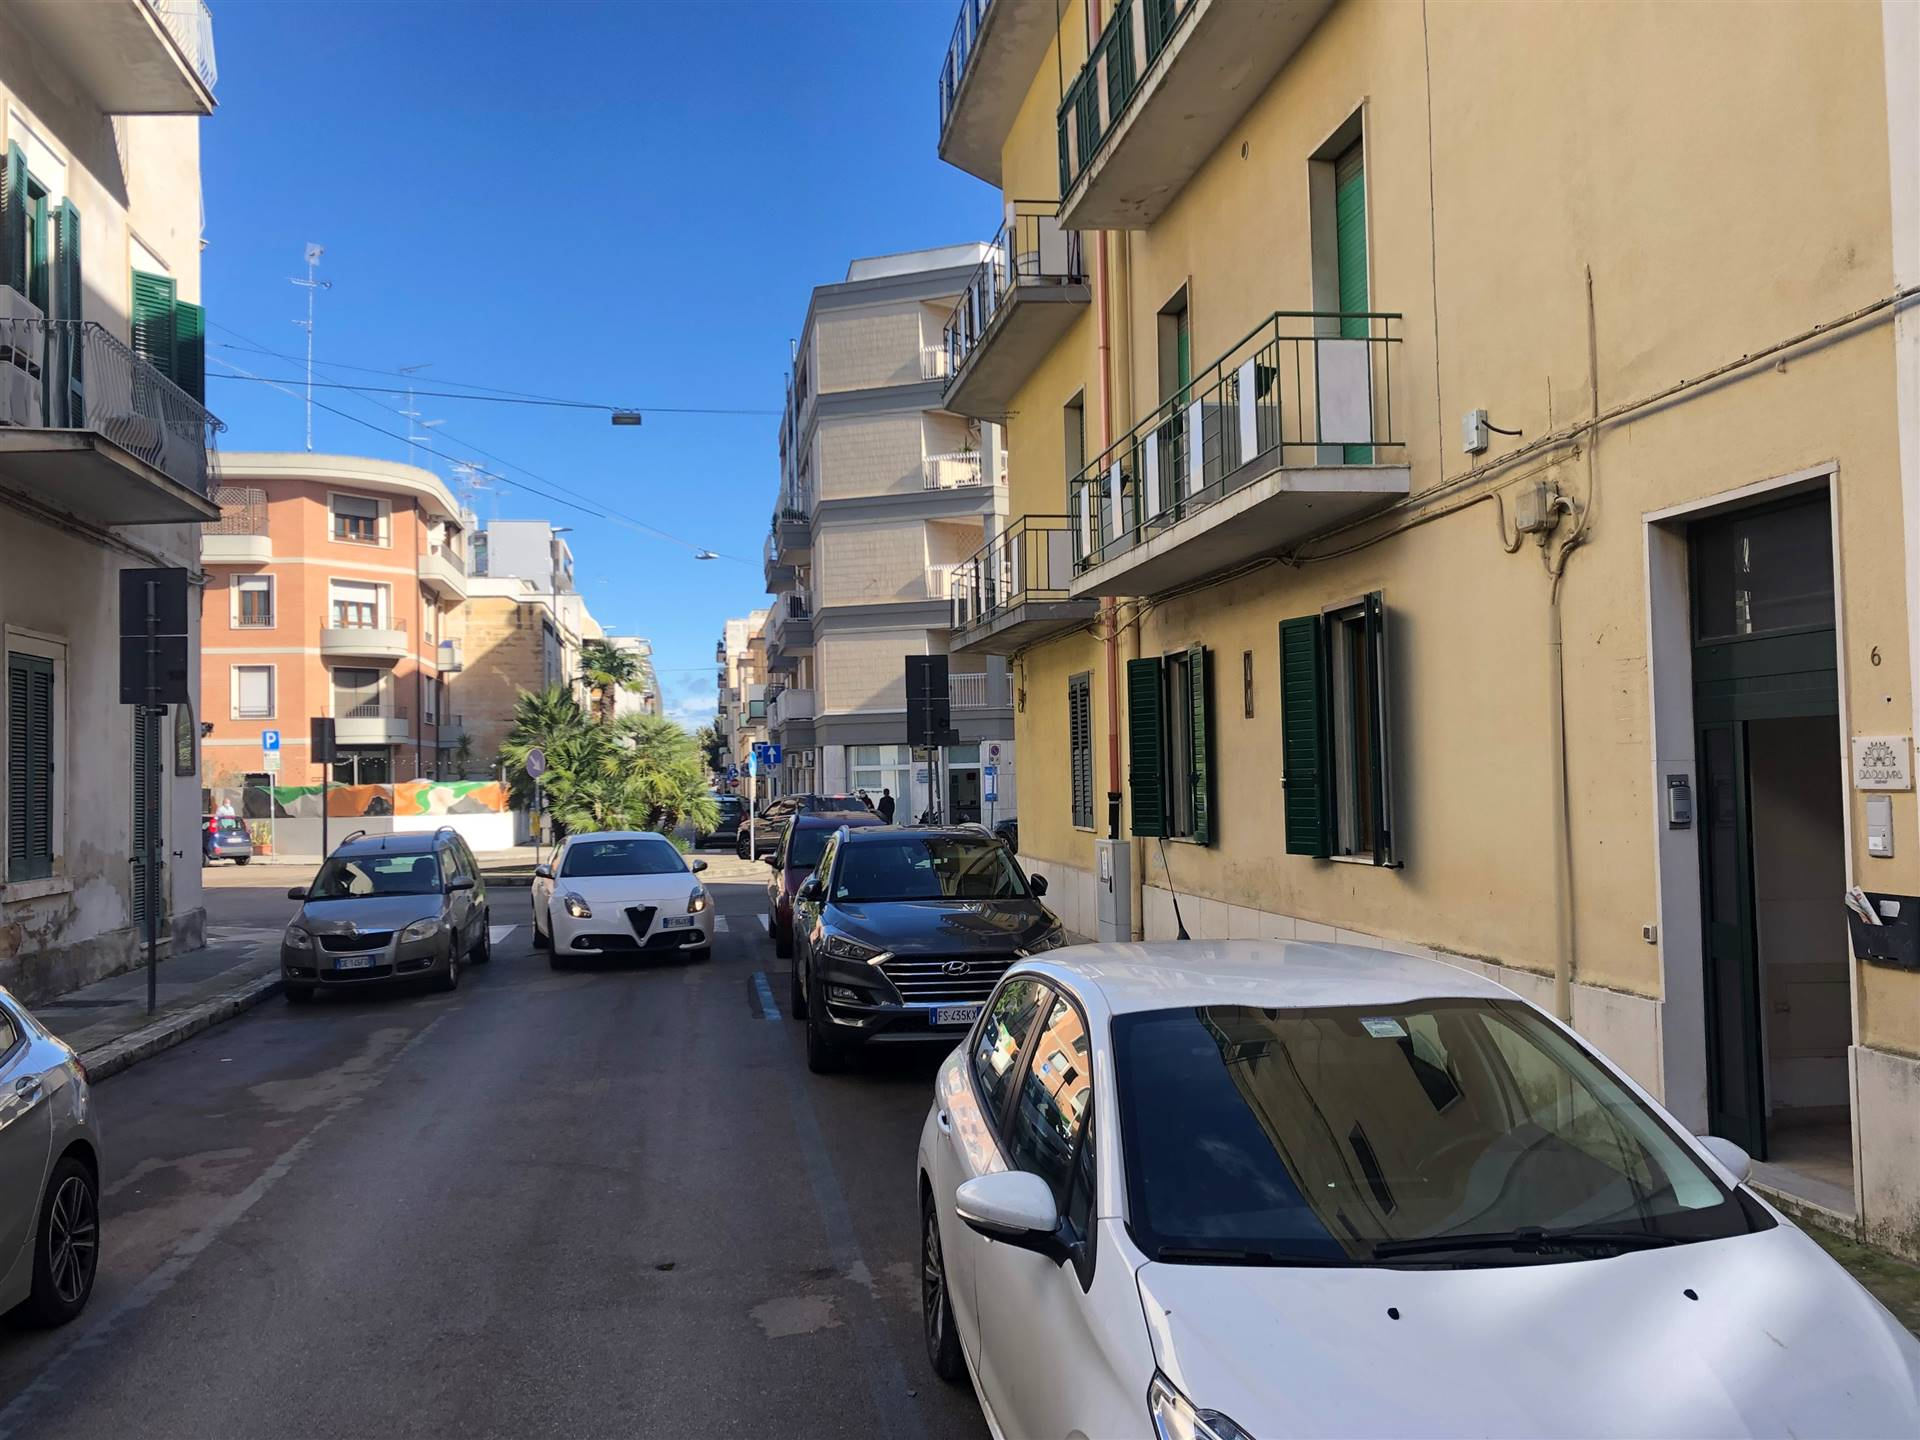 Tra piazza Mazzini e Ludovico Ariosto, appartamento uso ufficio al piano terra, inserito in un piccolo contesto condominiale. Sala d'attesa, quattro